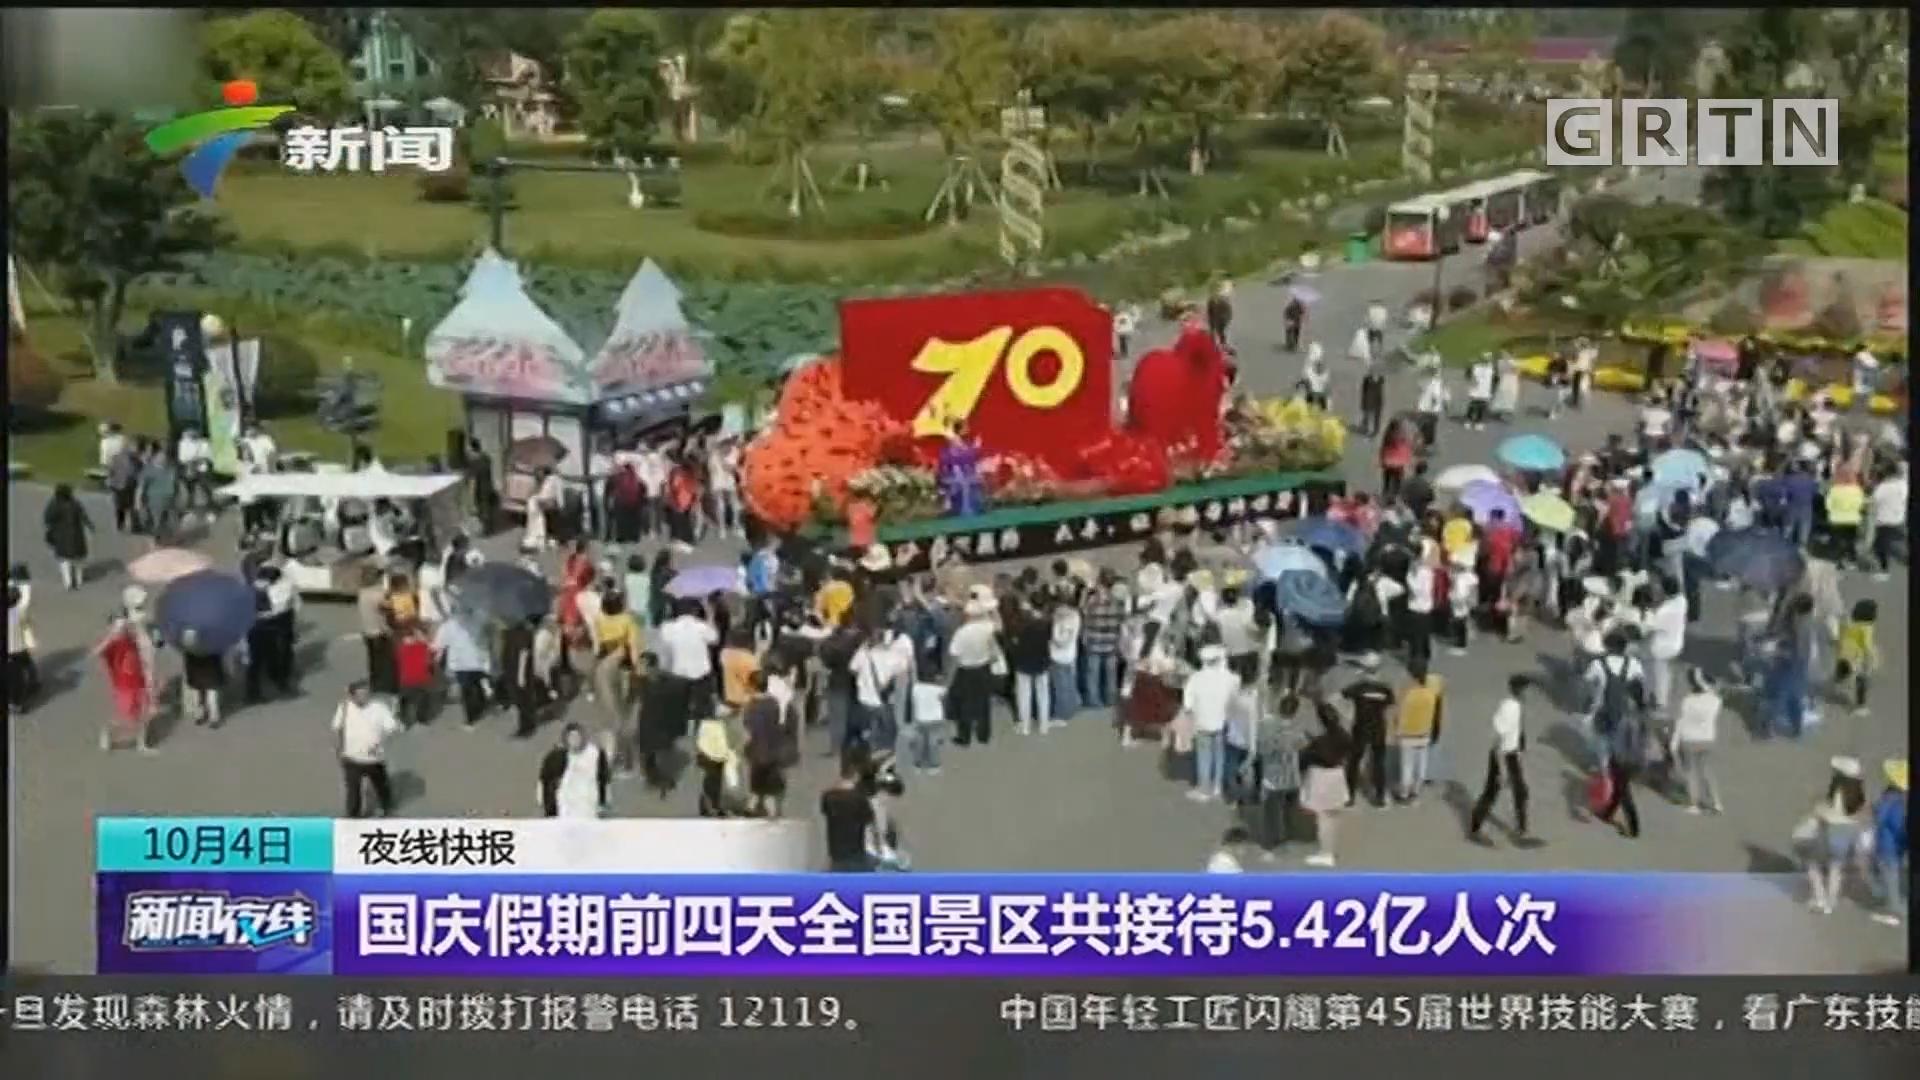 国庆假期前四天全国景区共接待5.42亿人次